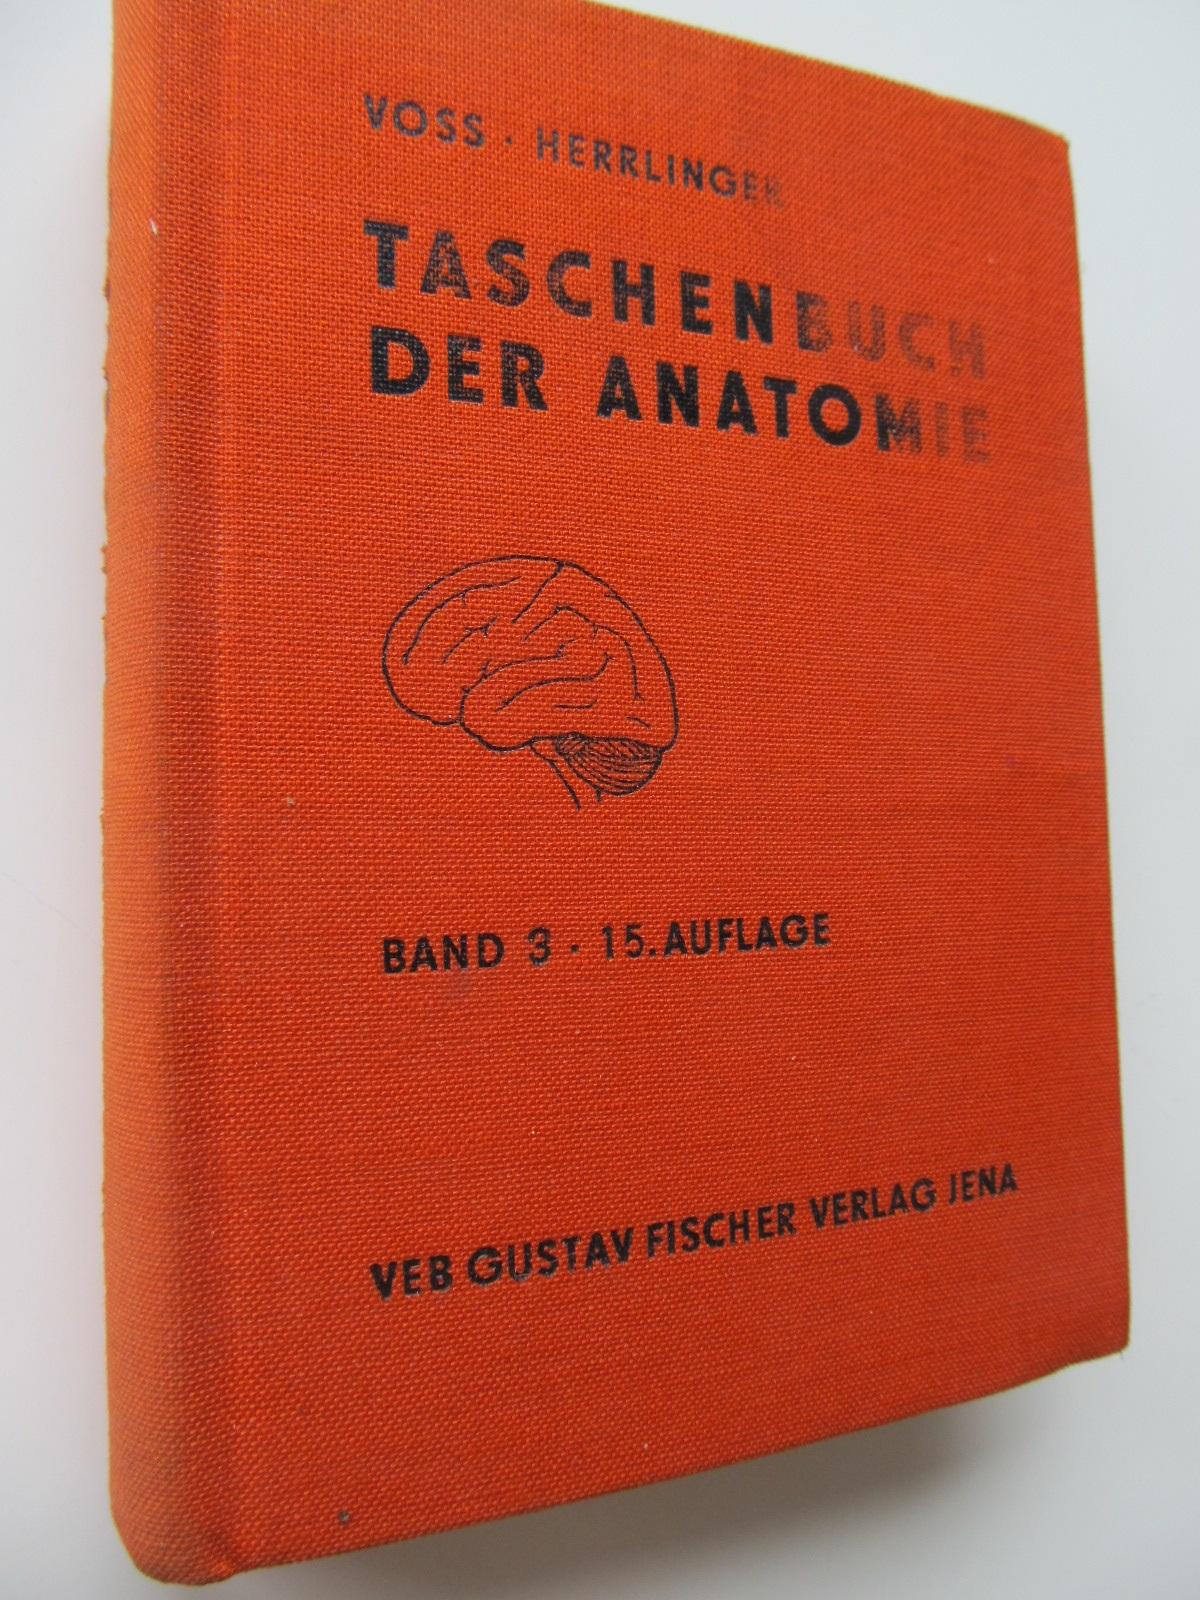 Taschenbuch der Anatomie (vol. 3) - Hermann Voss , Robert Herrlinger | Detalii carte